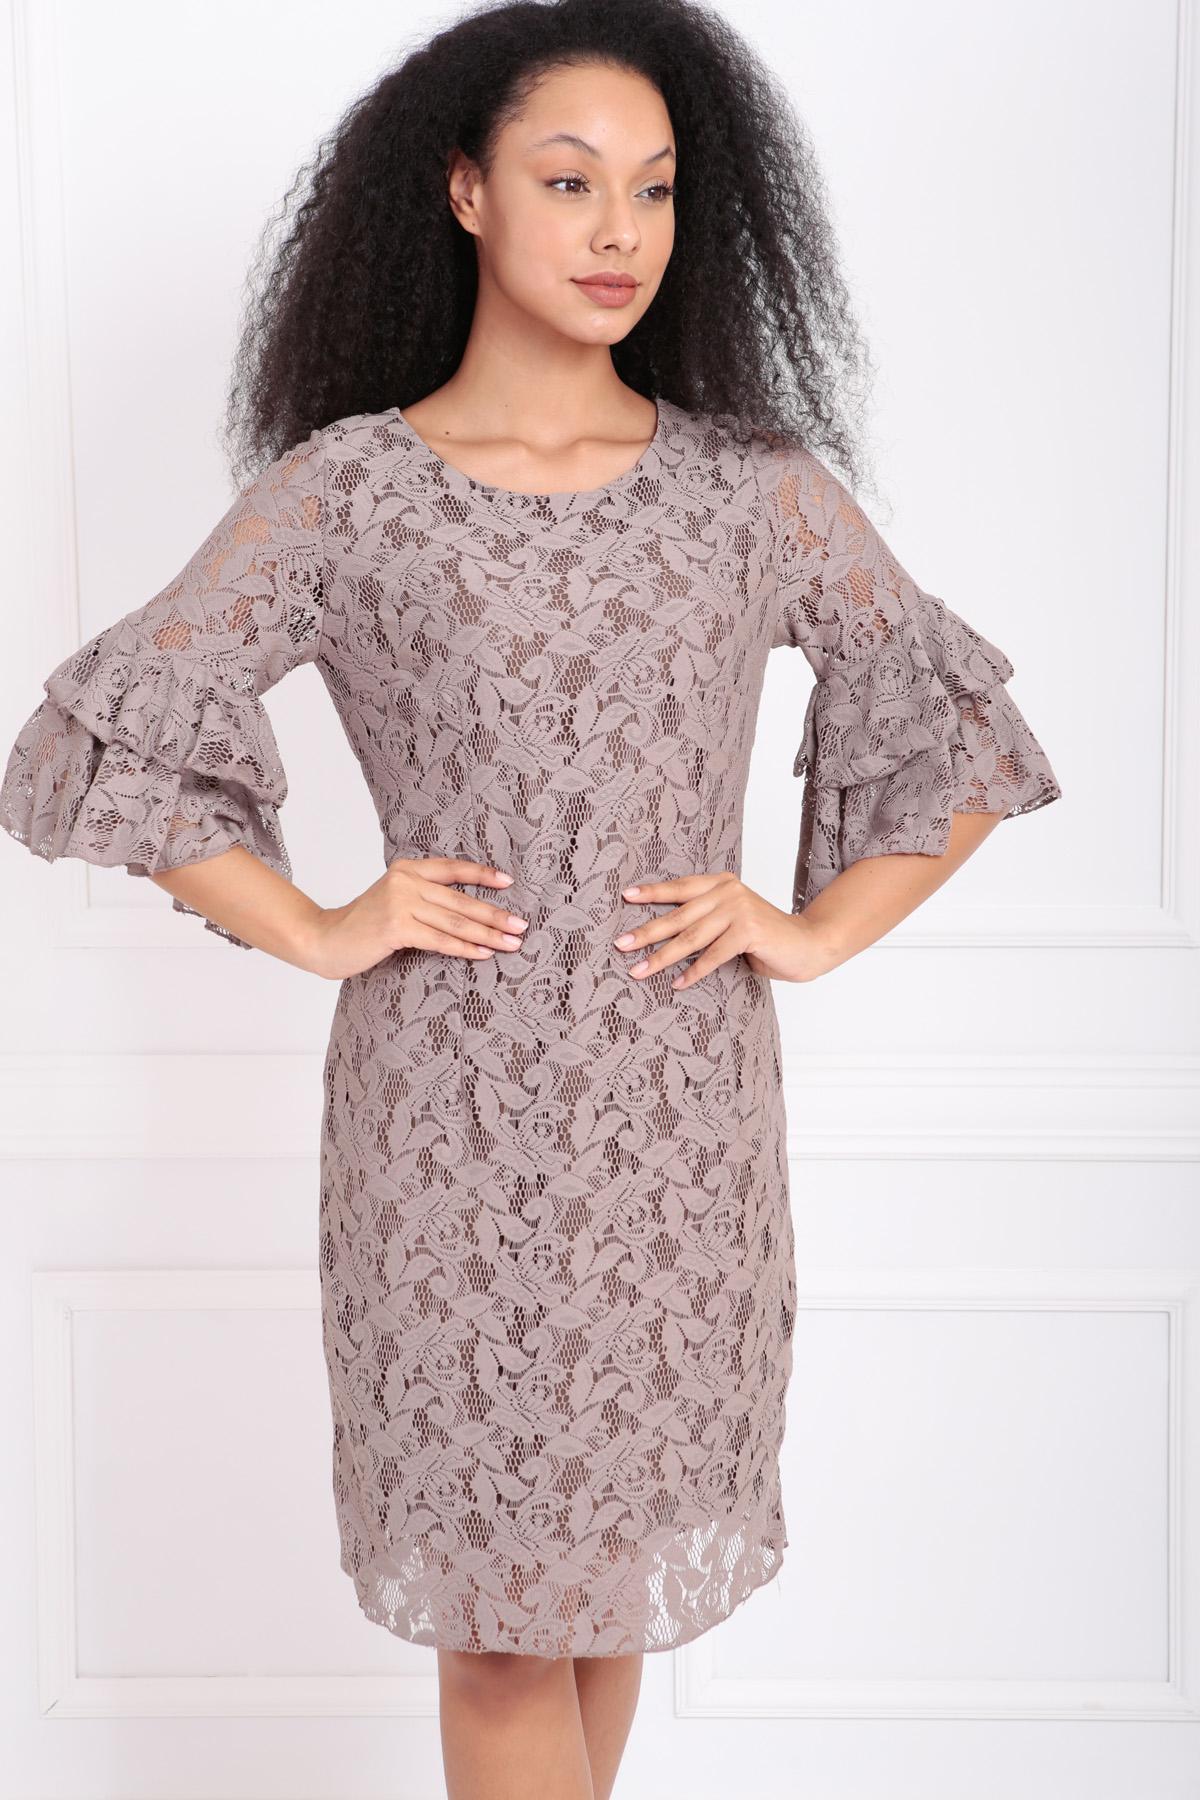 Sense Bej Güpür Kolları Volanlı Elbise | Elb31293